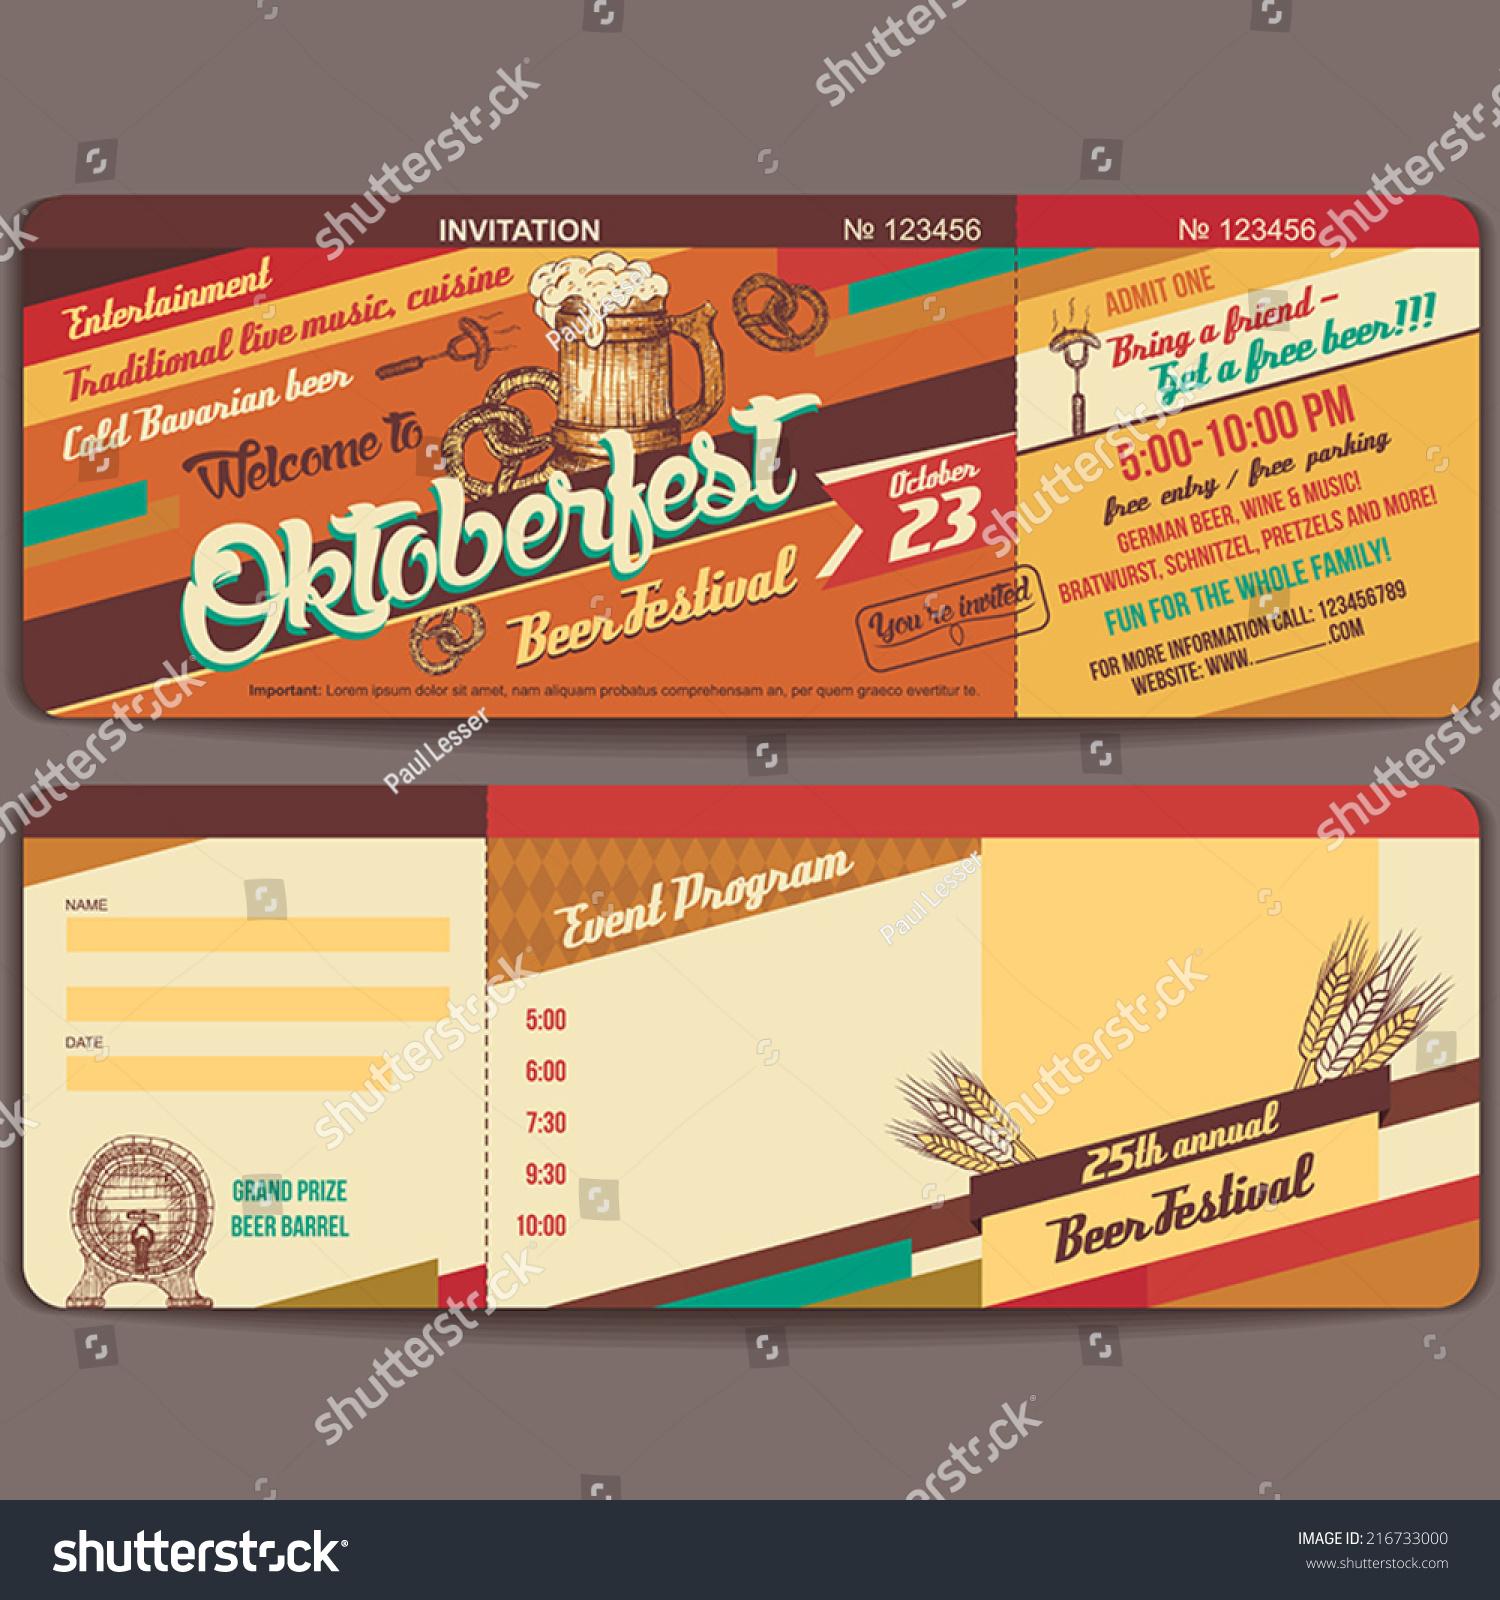 Oktoberfest German Beer Festival Invitation Vintage Vector – Invitation Ticket Template